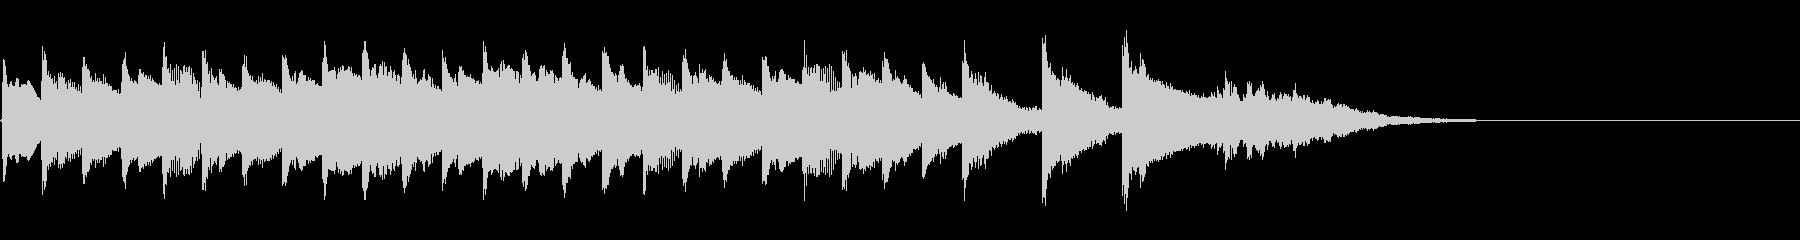 シンプルなアコギ風キラキラ入りジングルの未再生の波形